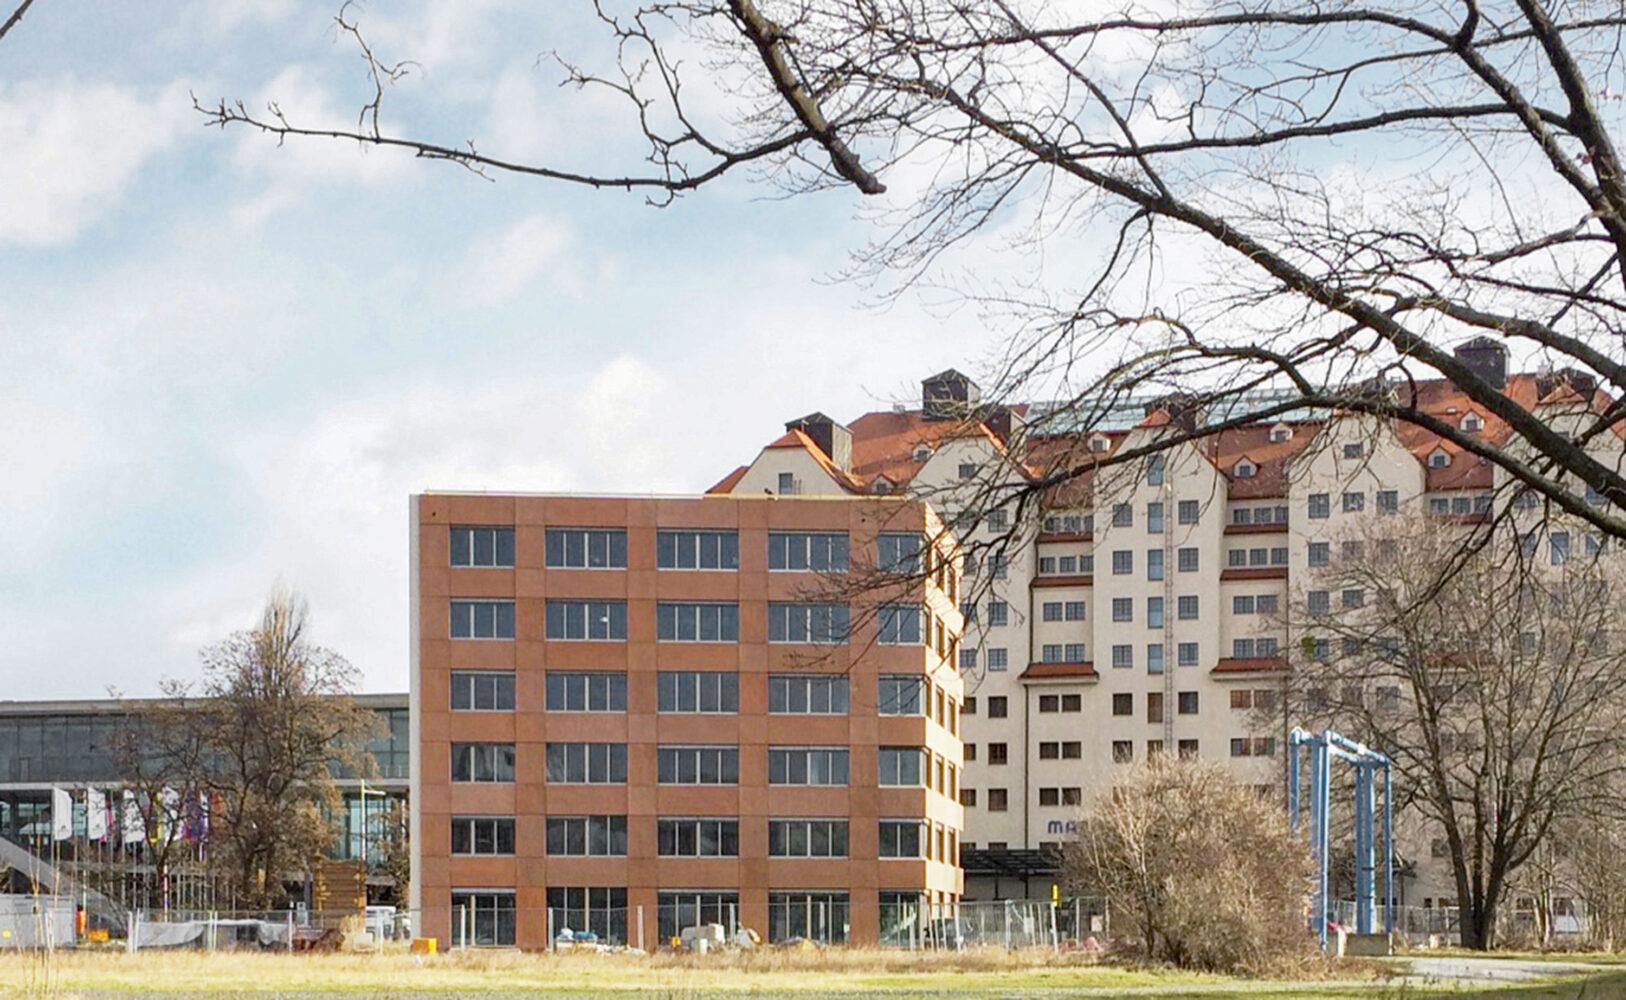 Neubau Herbert-Wehner-Haus, Devrientstraße, Dresden